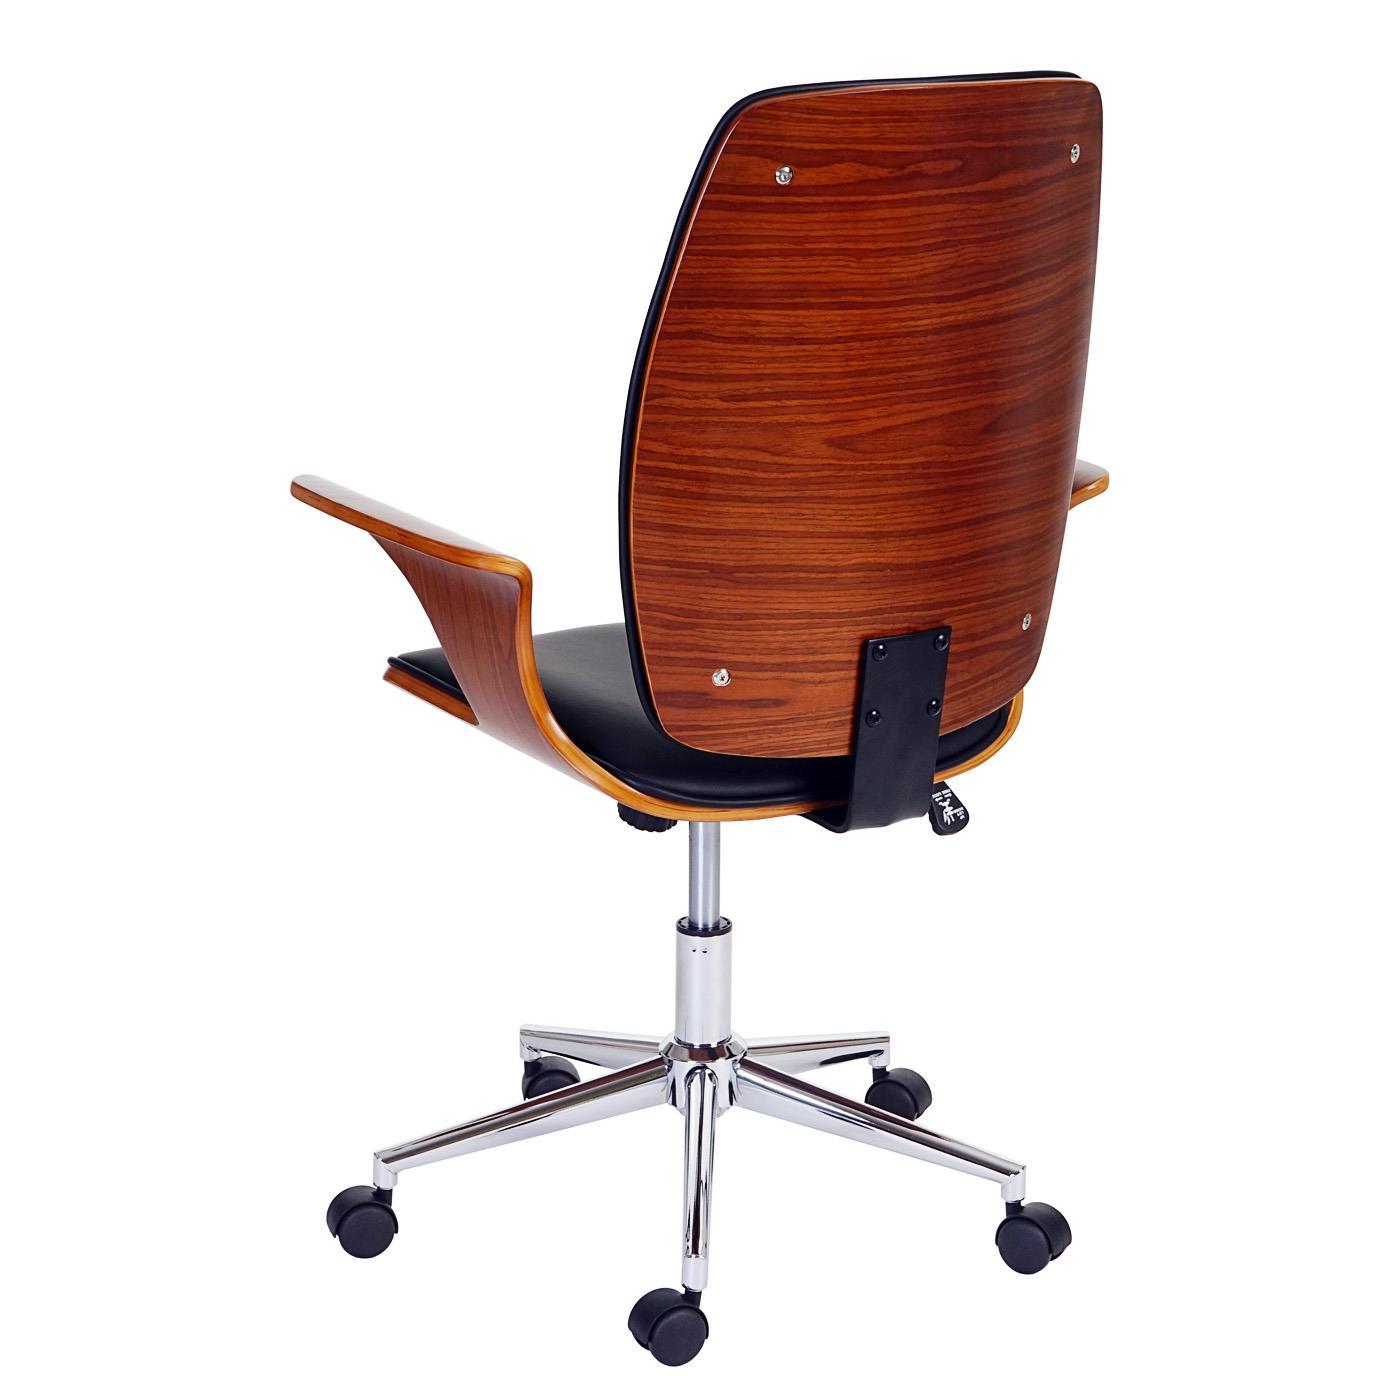 sedia da ufficio saturno design in legno e pelle color